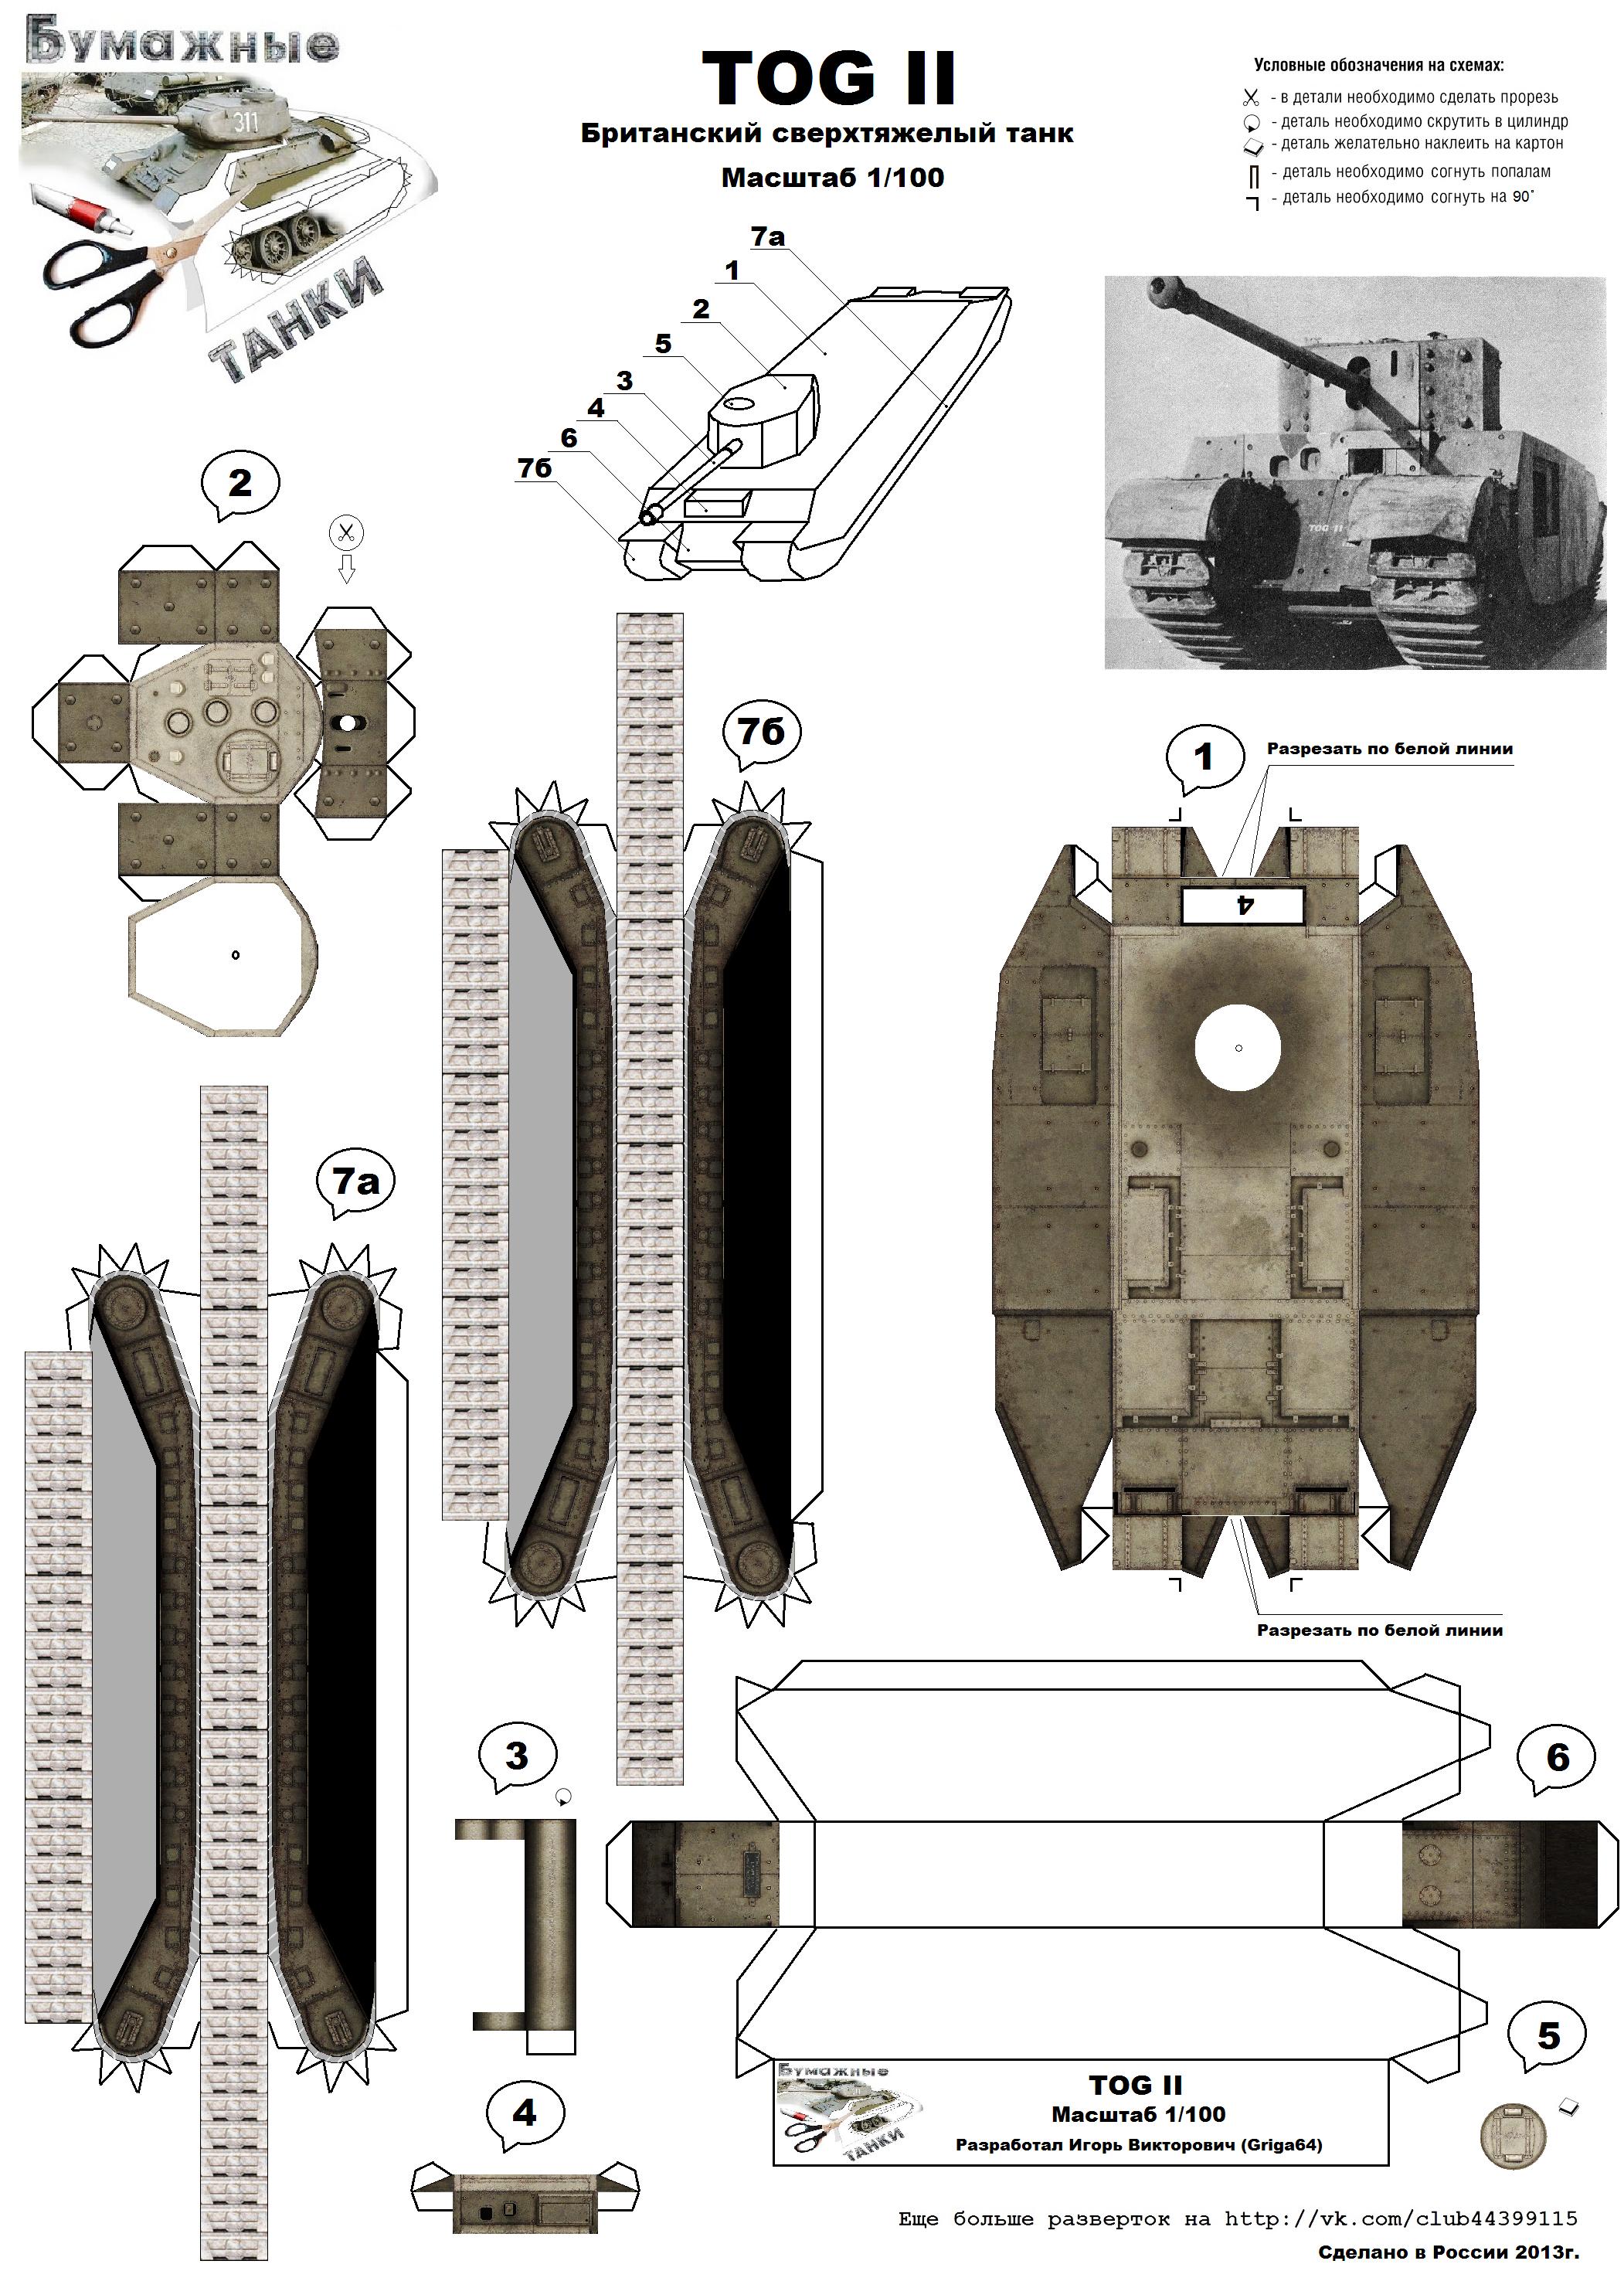 Как сделать танк из бумаги шаблоны, дню металлурга открыткой